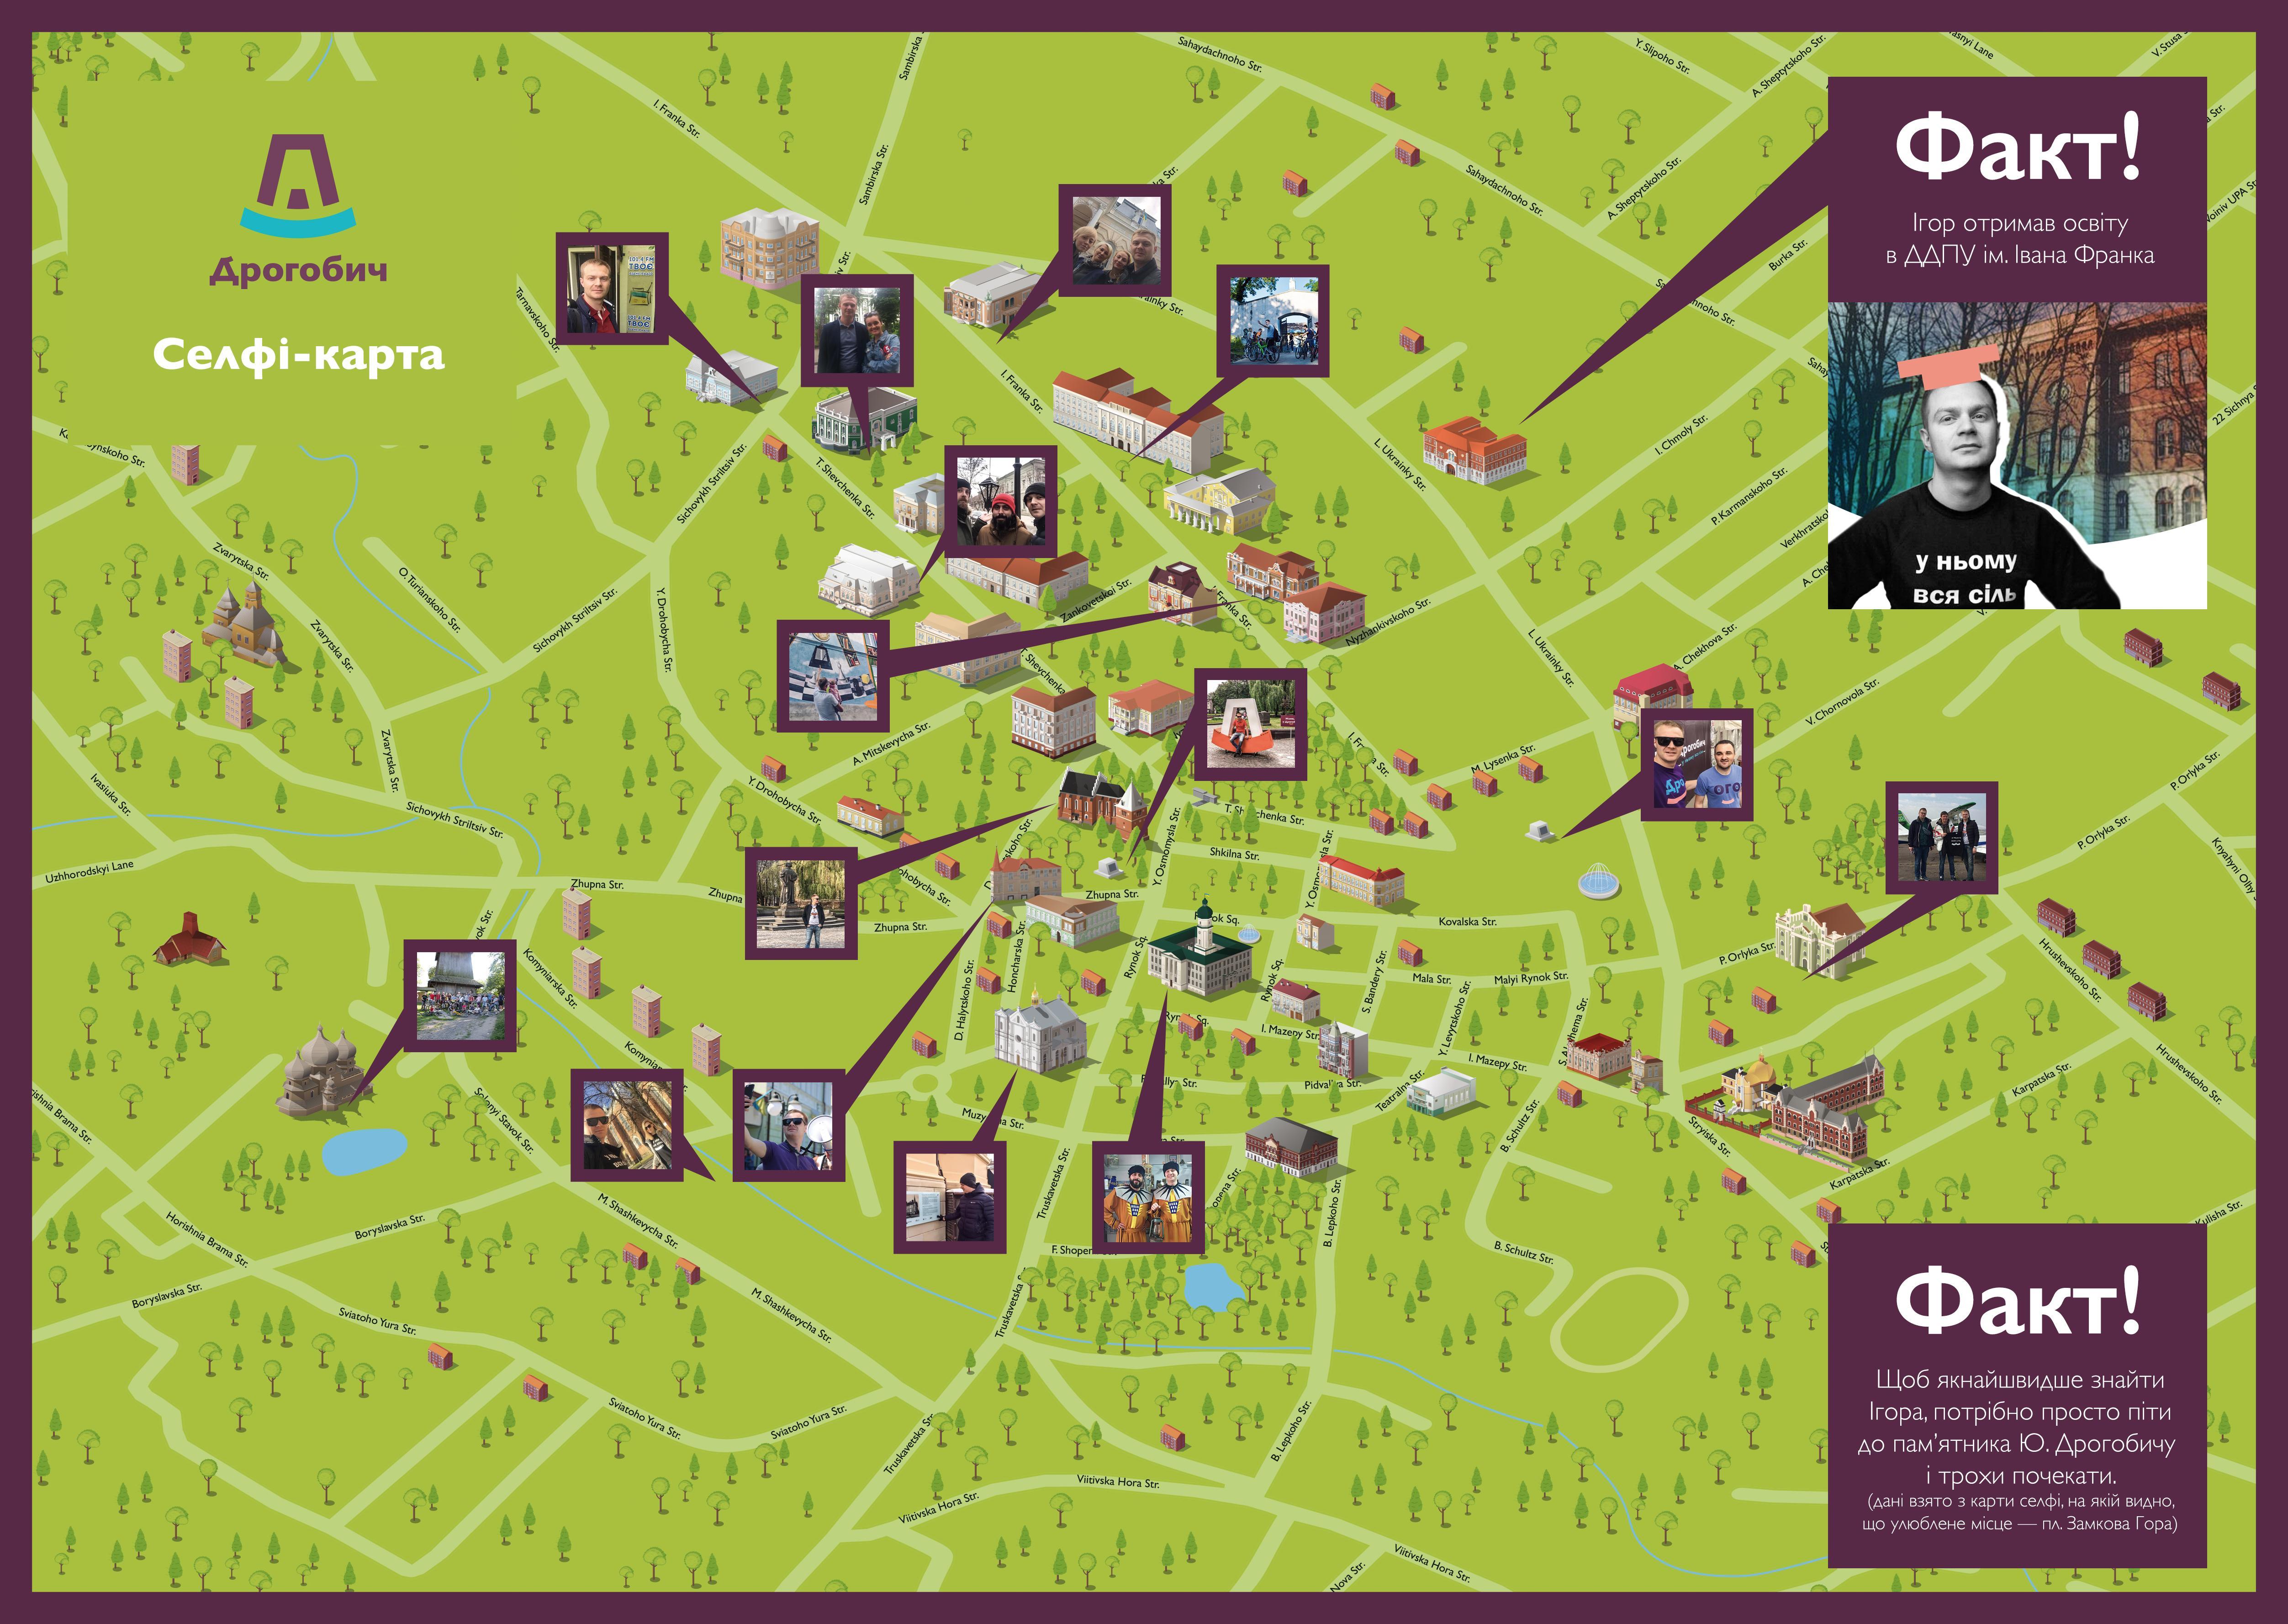 Туристи у Дрогобичі зможуть отримати карту власних селфі-маршрутів. ЗМІ